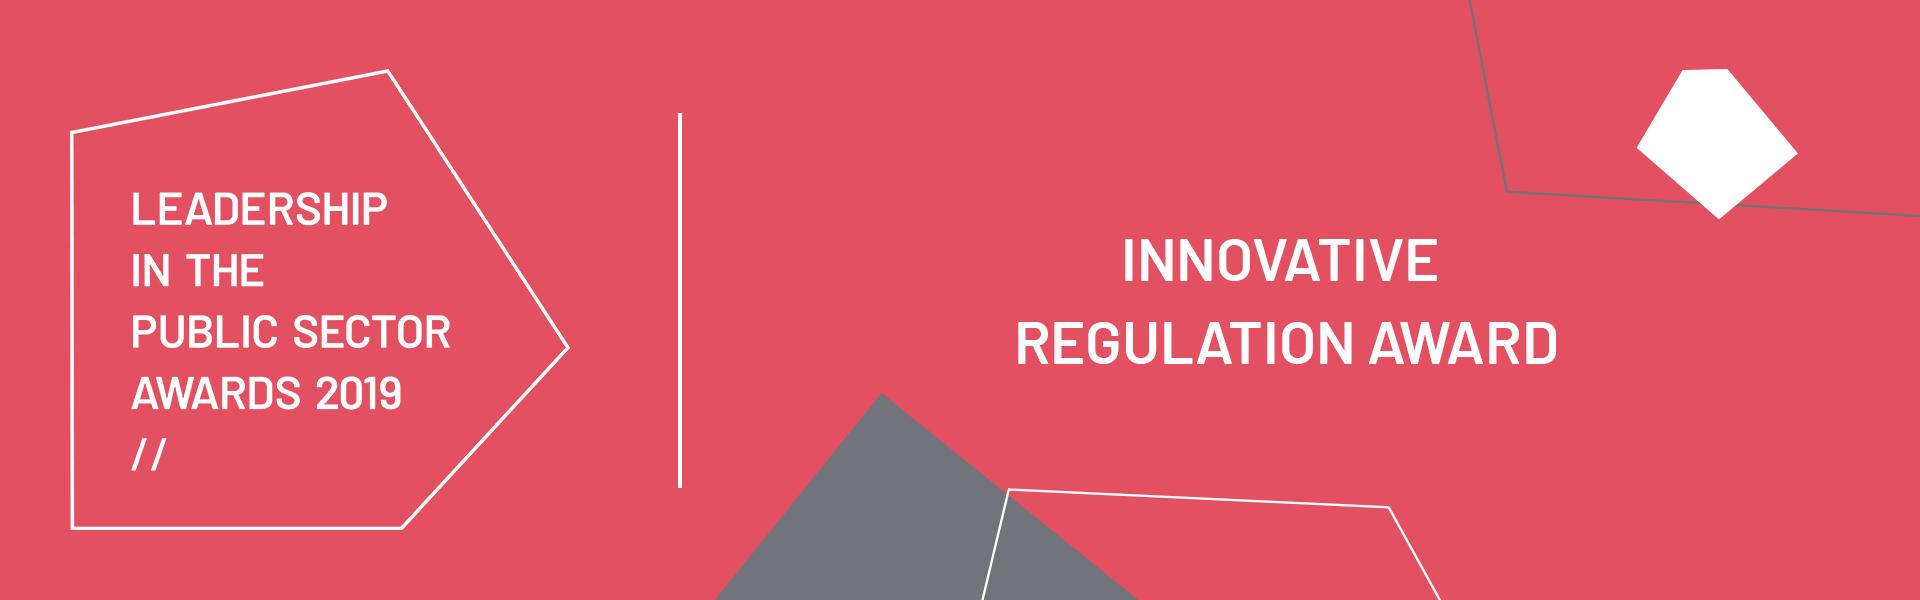 Innovative Regulation Award_1920x600_V1.jpg